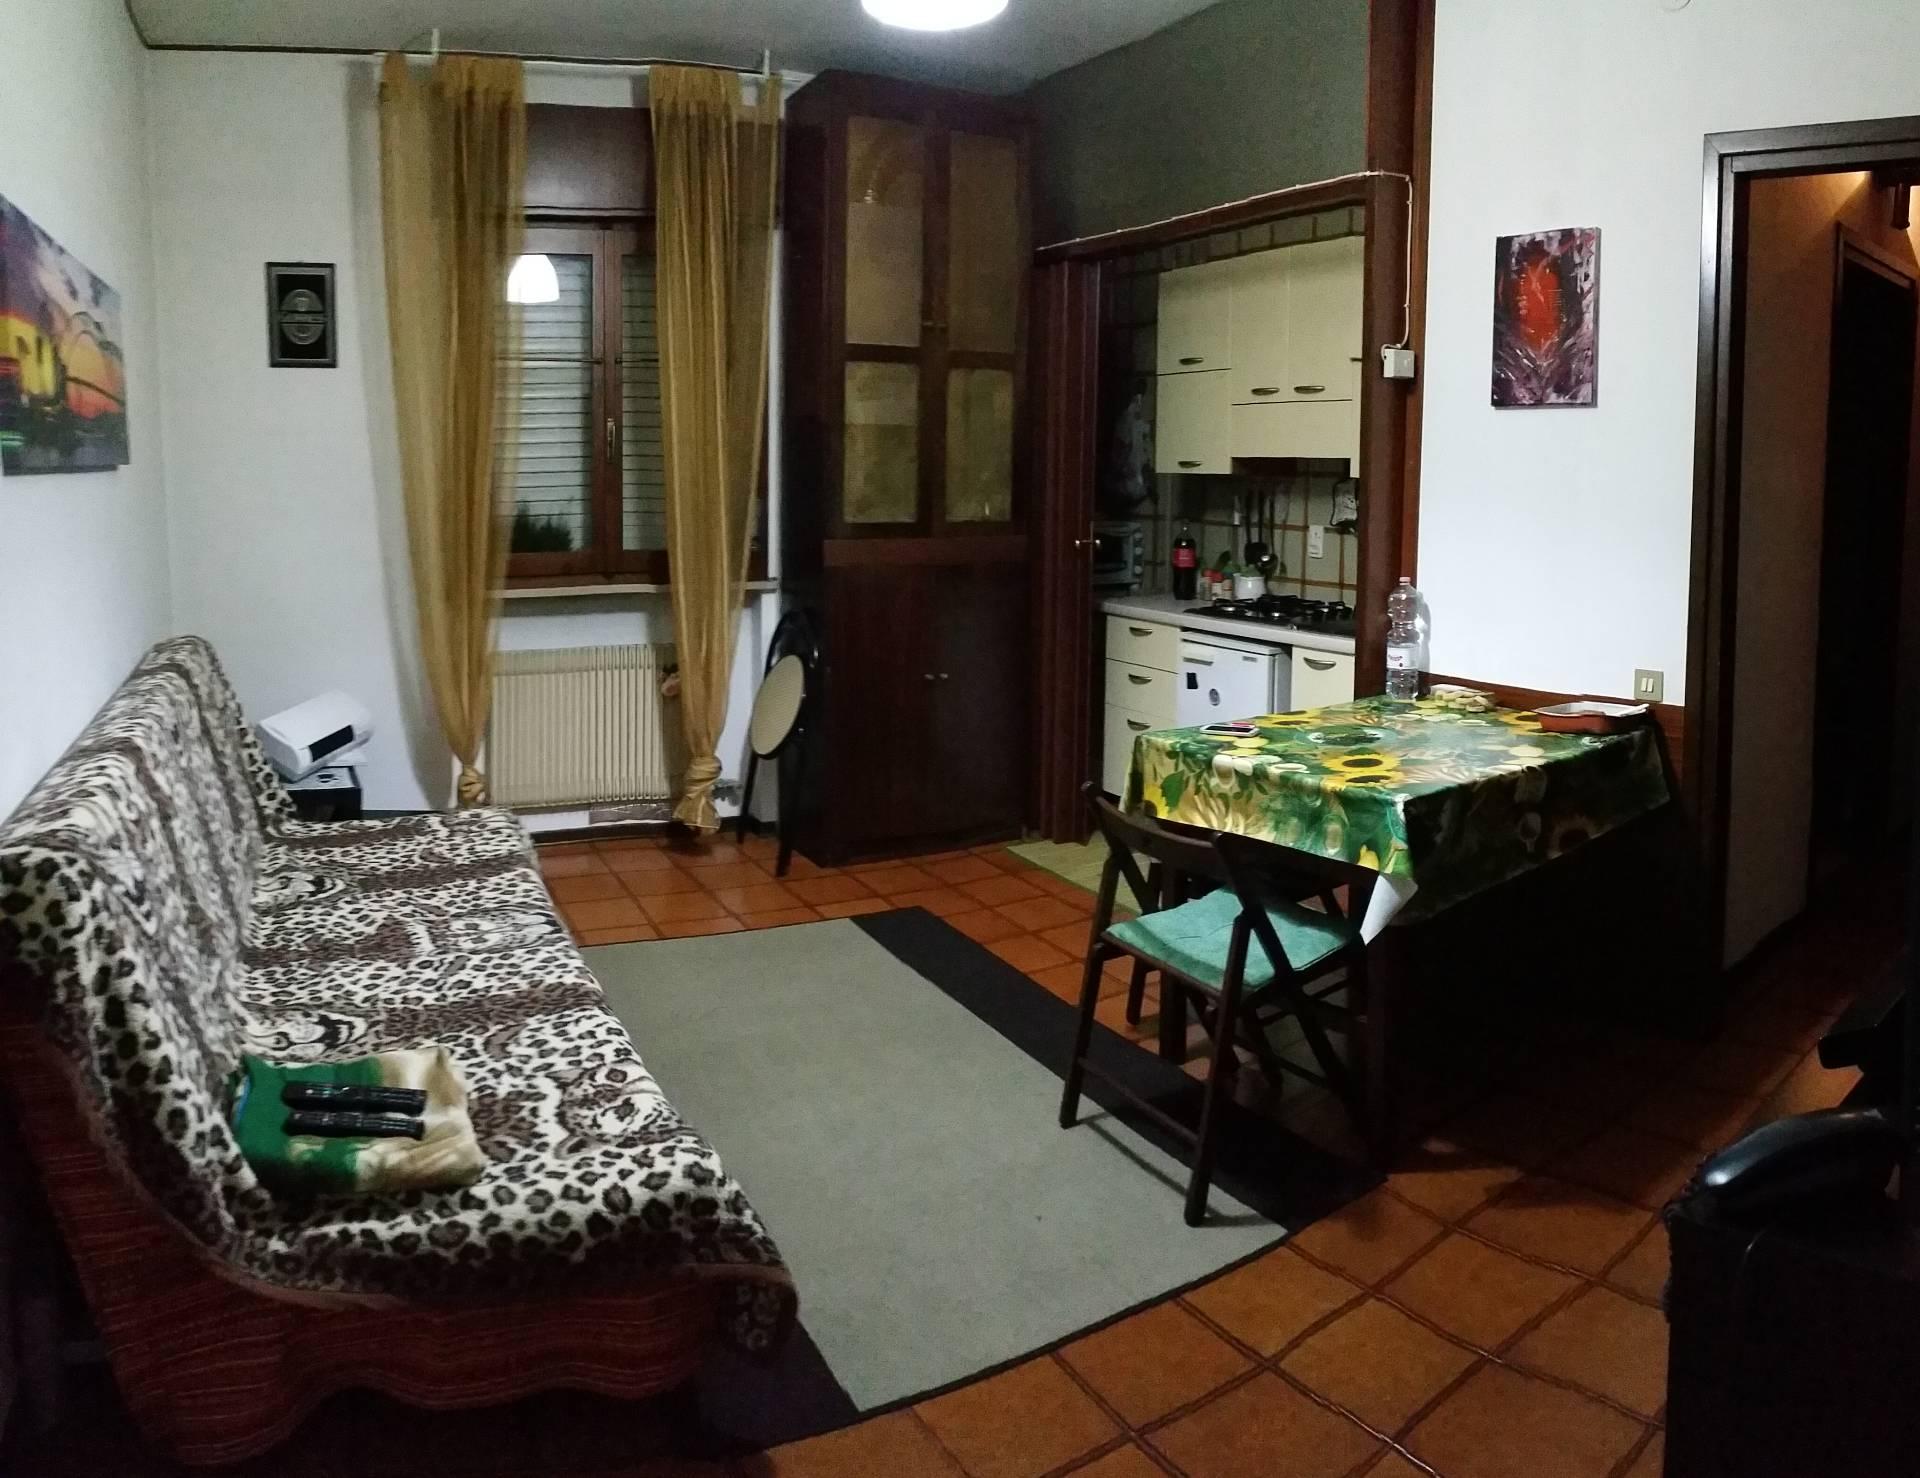 Appartamento in vendita a Villorba, 2 locali, zona Zona: Fontane, prezzo € 47.000 | Cambio Casa.it